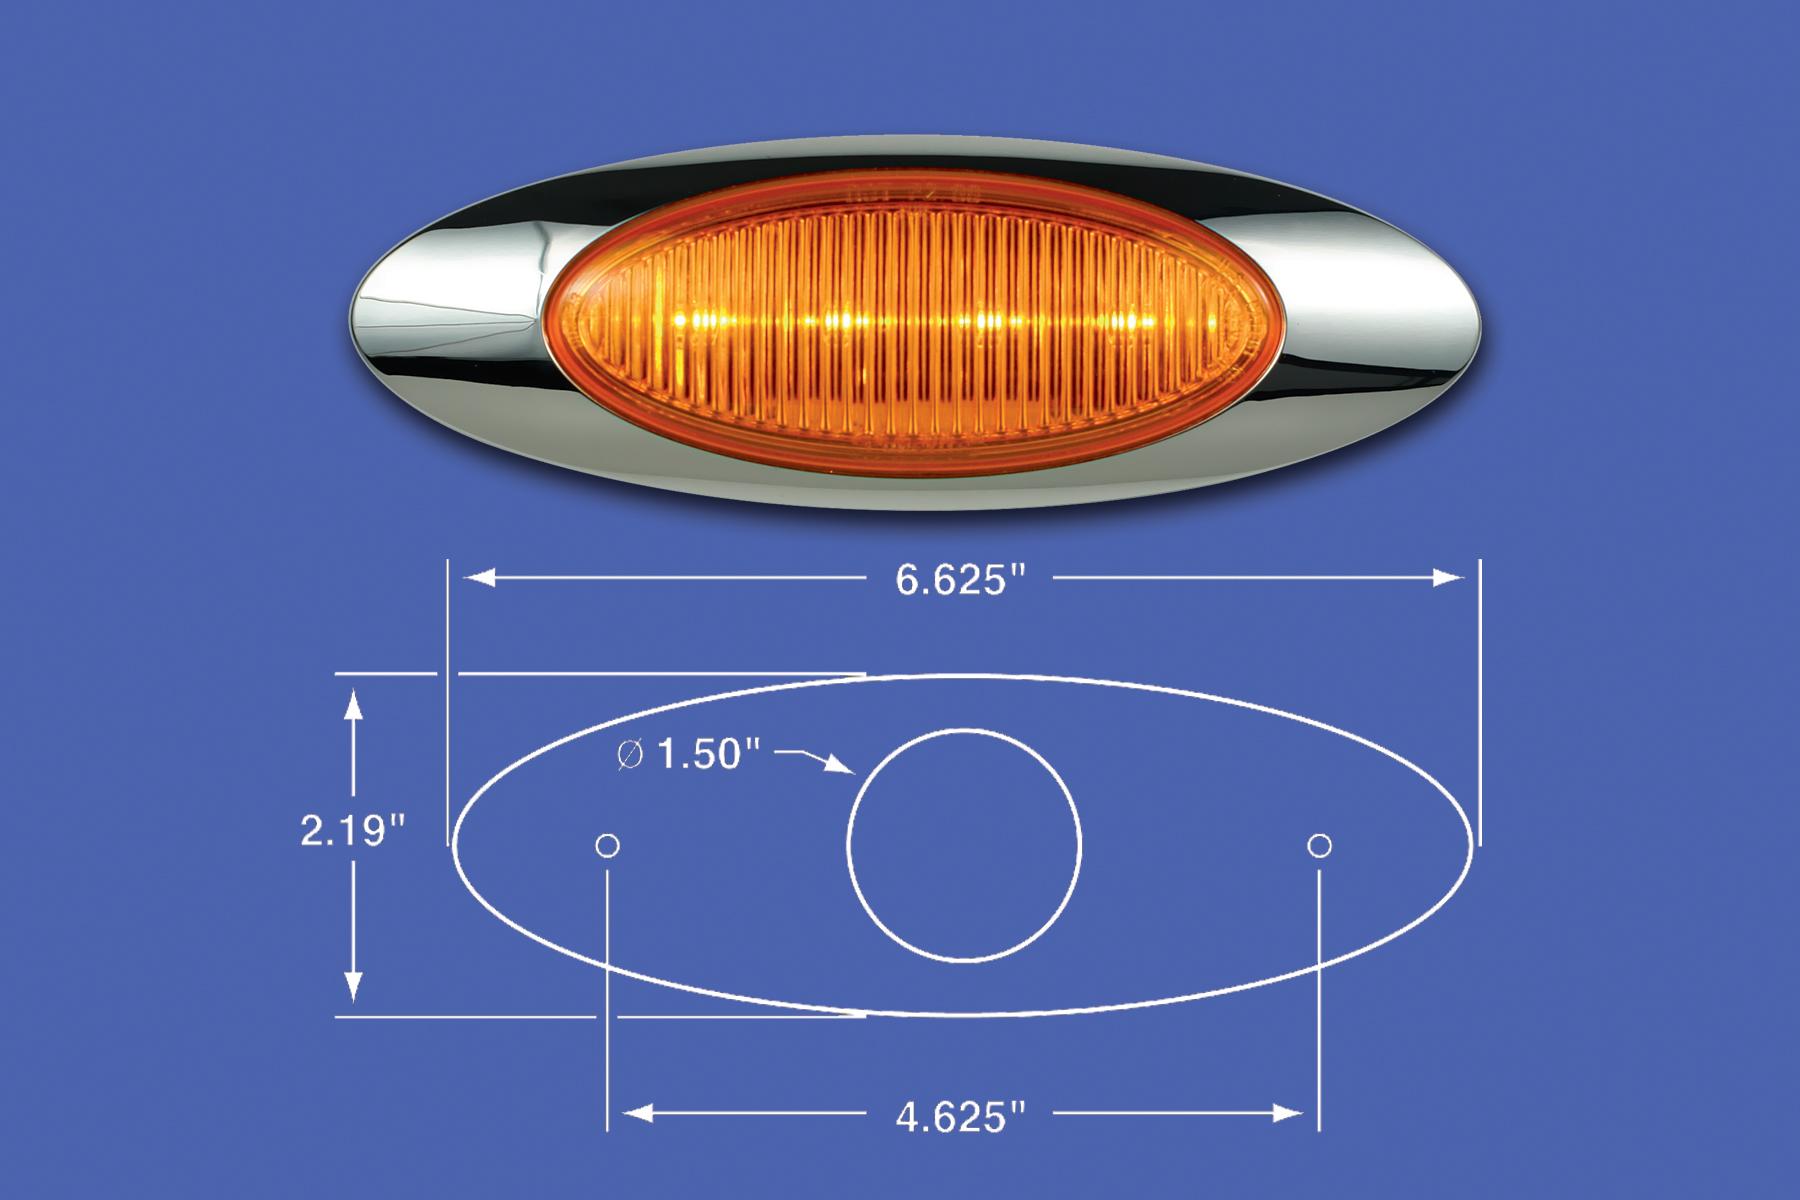 M1 AMBER LED TURN SIGNAL WITH BEZEL image